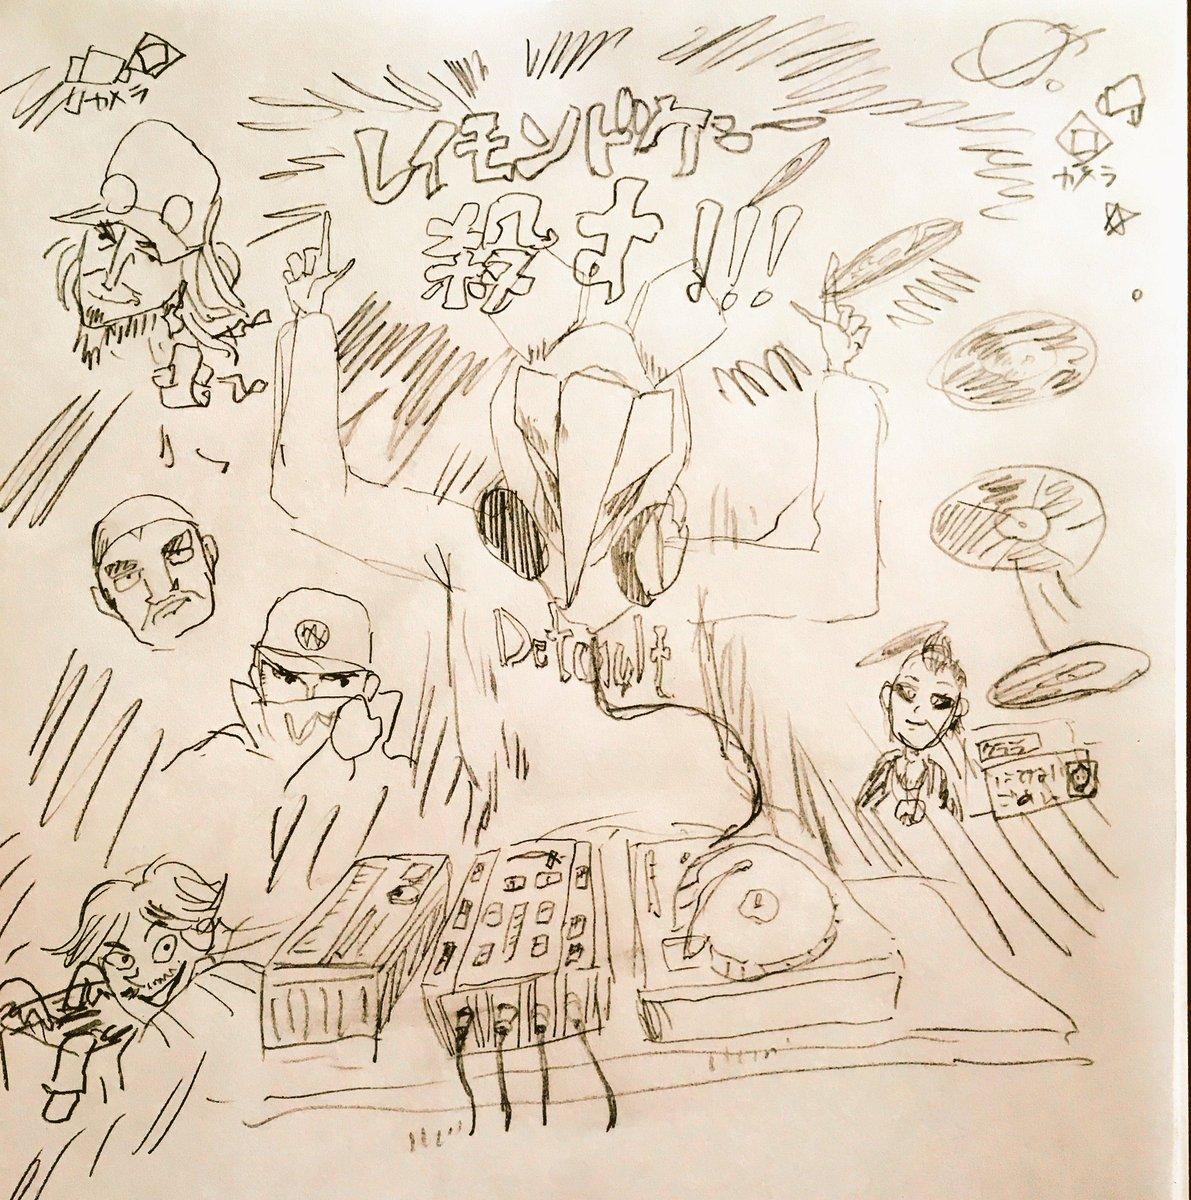 ウォッチドッグス(無印)をプレイした感想を絵にしてみました。とんかつDJアゲ太郎風にしたかったけど私には実力不足でした(